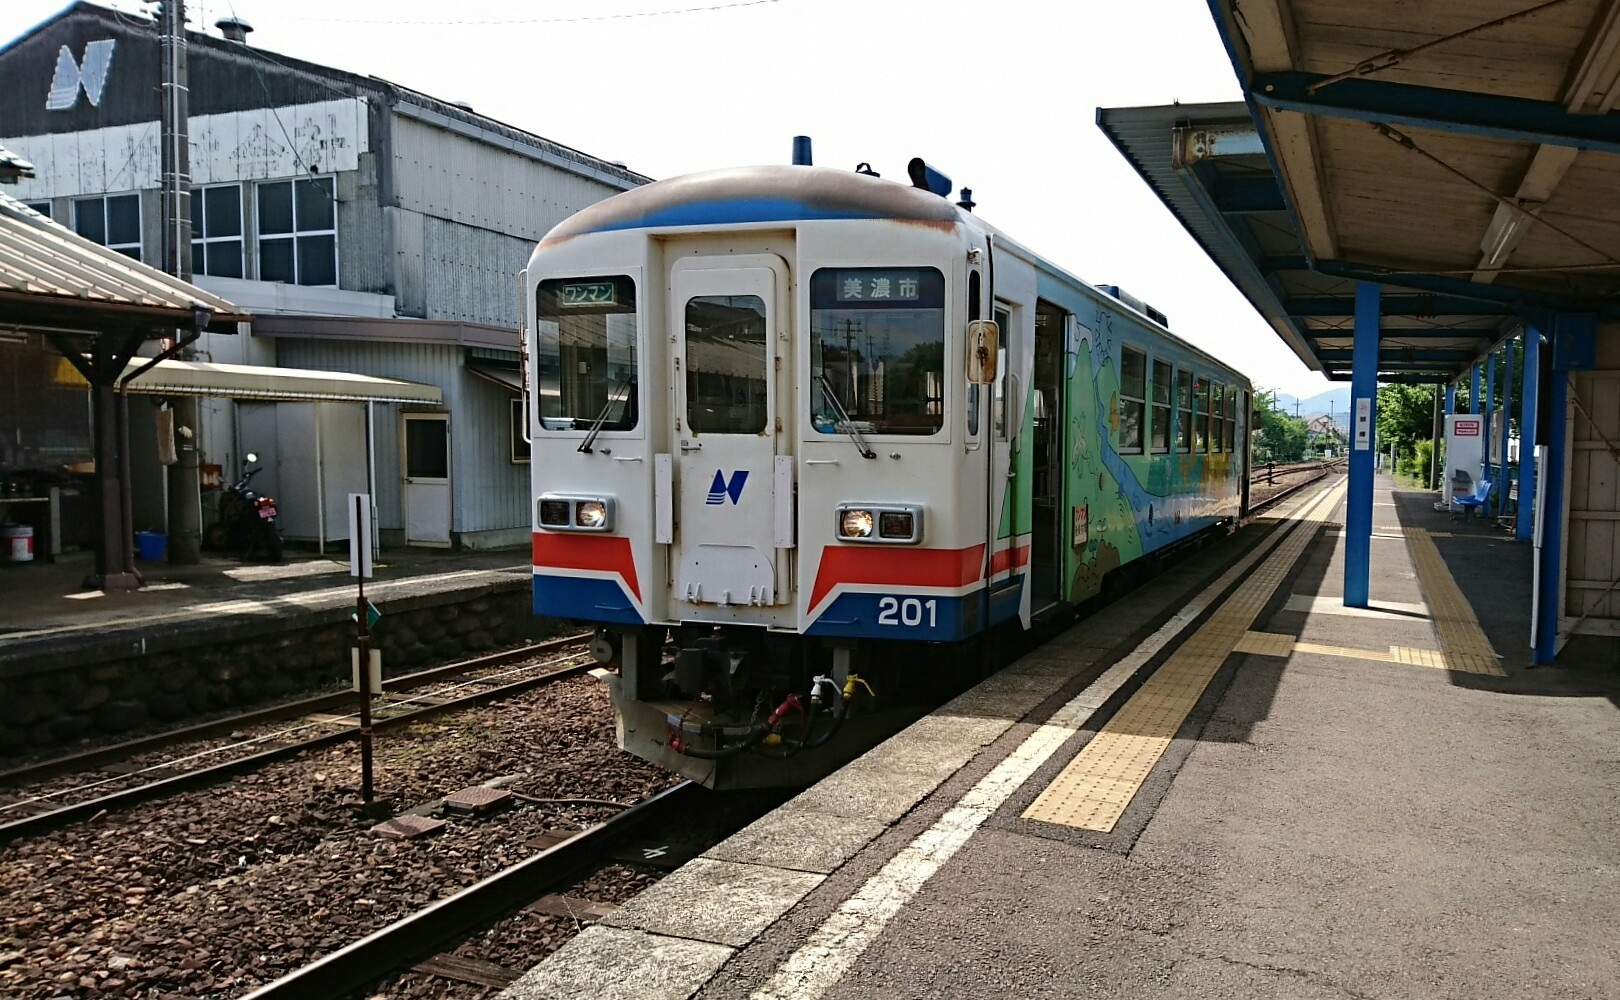 2018.5.16 美濃市 (44) 関 - 美濃市いきふつう 1620-1000